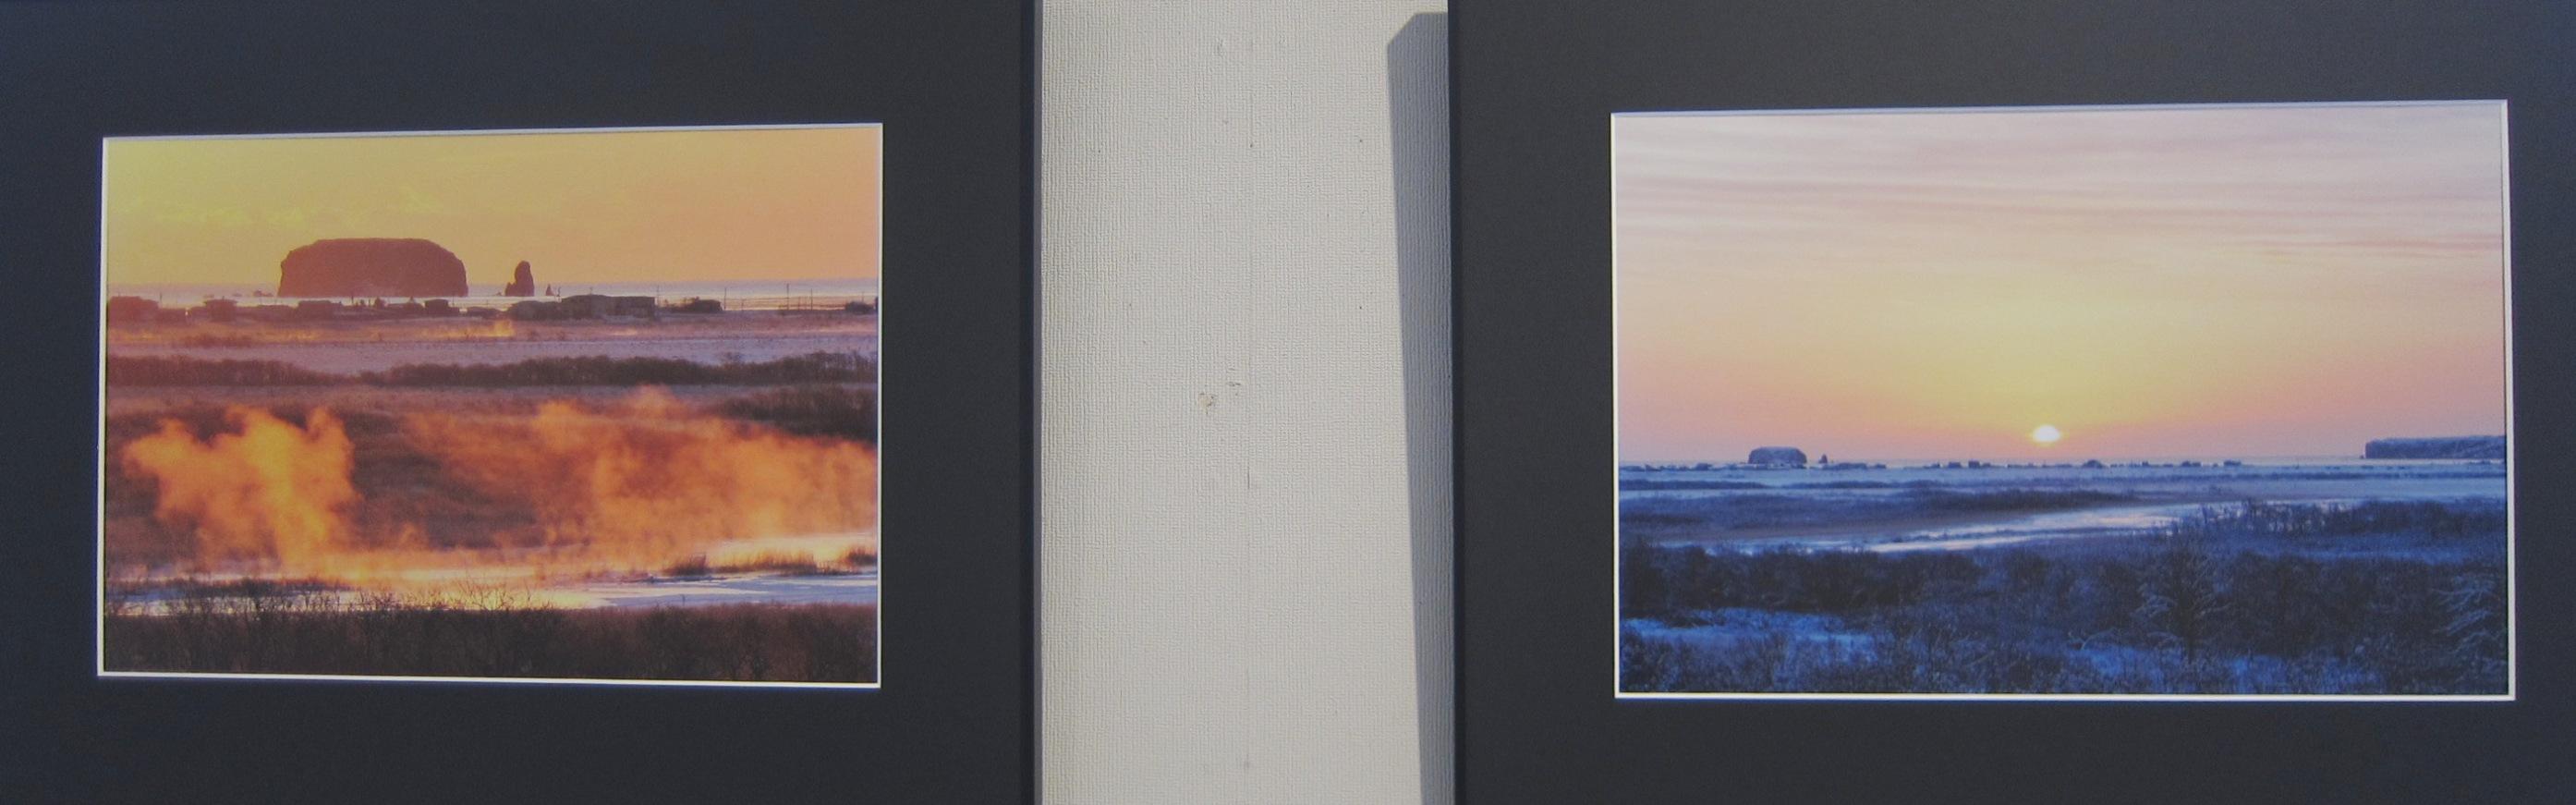 2014)「大坪俊裕 写真作品集 『枯白凛 ~霧多布湿原 秋冬~』」 資料館 4月9日(火)~4月14日(日)_f0126829_2030744.jpg